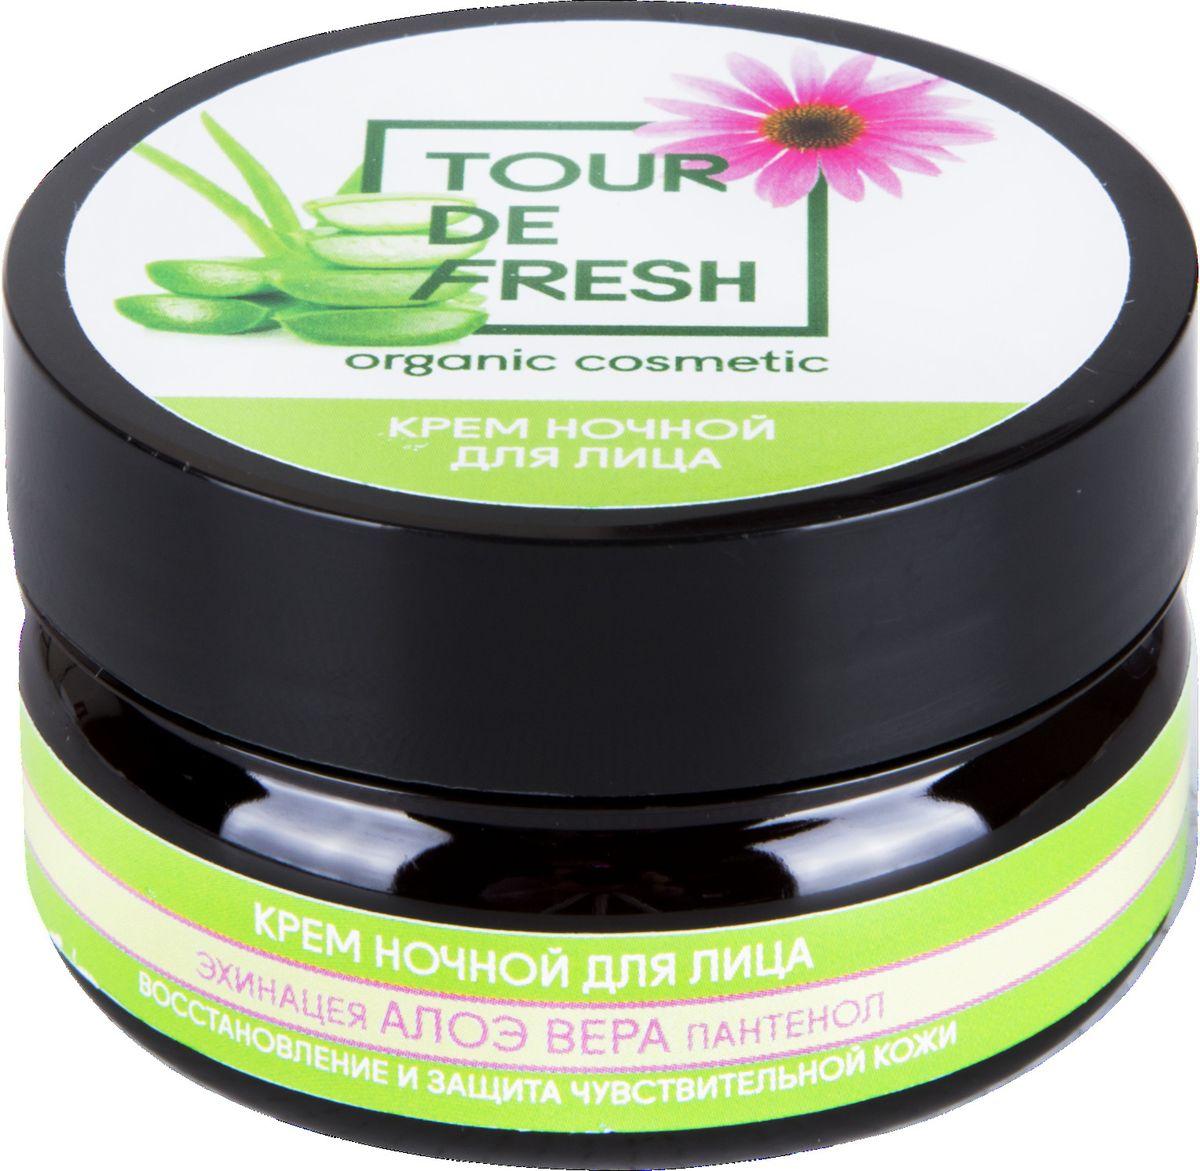 Tour De Fresh Крем ночной для лица Алоэ вера, эхинацея и пантенол, 60 млУФ000000146Ночной крем Tour De Fresh на основе экстракта алоэ вера увлажняет и успокаивает кожу, делает ее гладкой и нежной. Мягкая формула крема подходит для чувствительной кожи, а питательная текстура способствует восстановлению клеток в ночное время.Пантенол – он же провитамин В5 – восстанавливает клетки кожи, защищает от воздействия окружающей среды, смягчает и оздоравливает. На основе пантенола изготавливаются шампуни для блеска волос, кремы и бальзамы для заживления повреждённой кожи и слизистых. Алоэ вера снимает раздражение и глубоко увлажняет кожу.Эхинацея укрепляет кожный иммунитет, ослабляет проявления аллергических реакций. Эхинацея защищает от разрушения природную гиалуроновую кислоту и тем самым предохраняет кожу от обезвоживания. Это важно для сохранения нормального водного баланса кожи и защиты ее инфекционных заболеваний